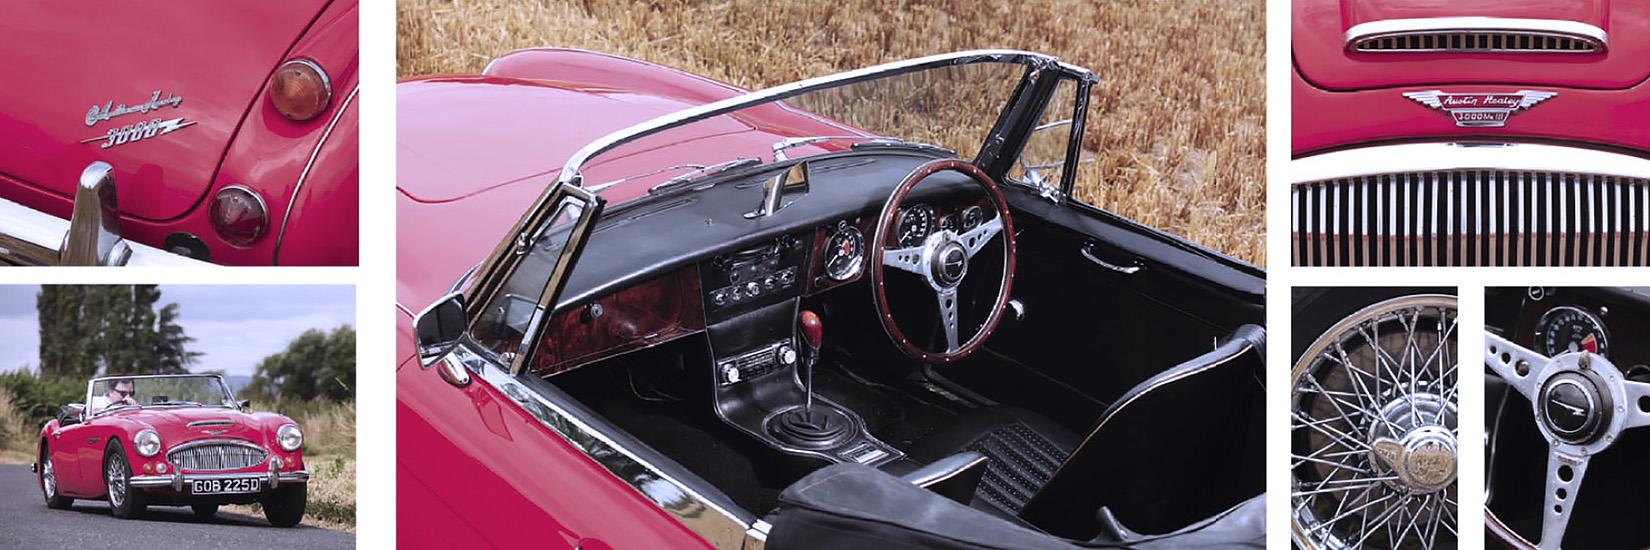 Austin-Healey 3000 MkIII Phase II